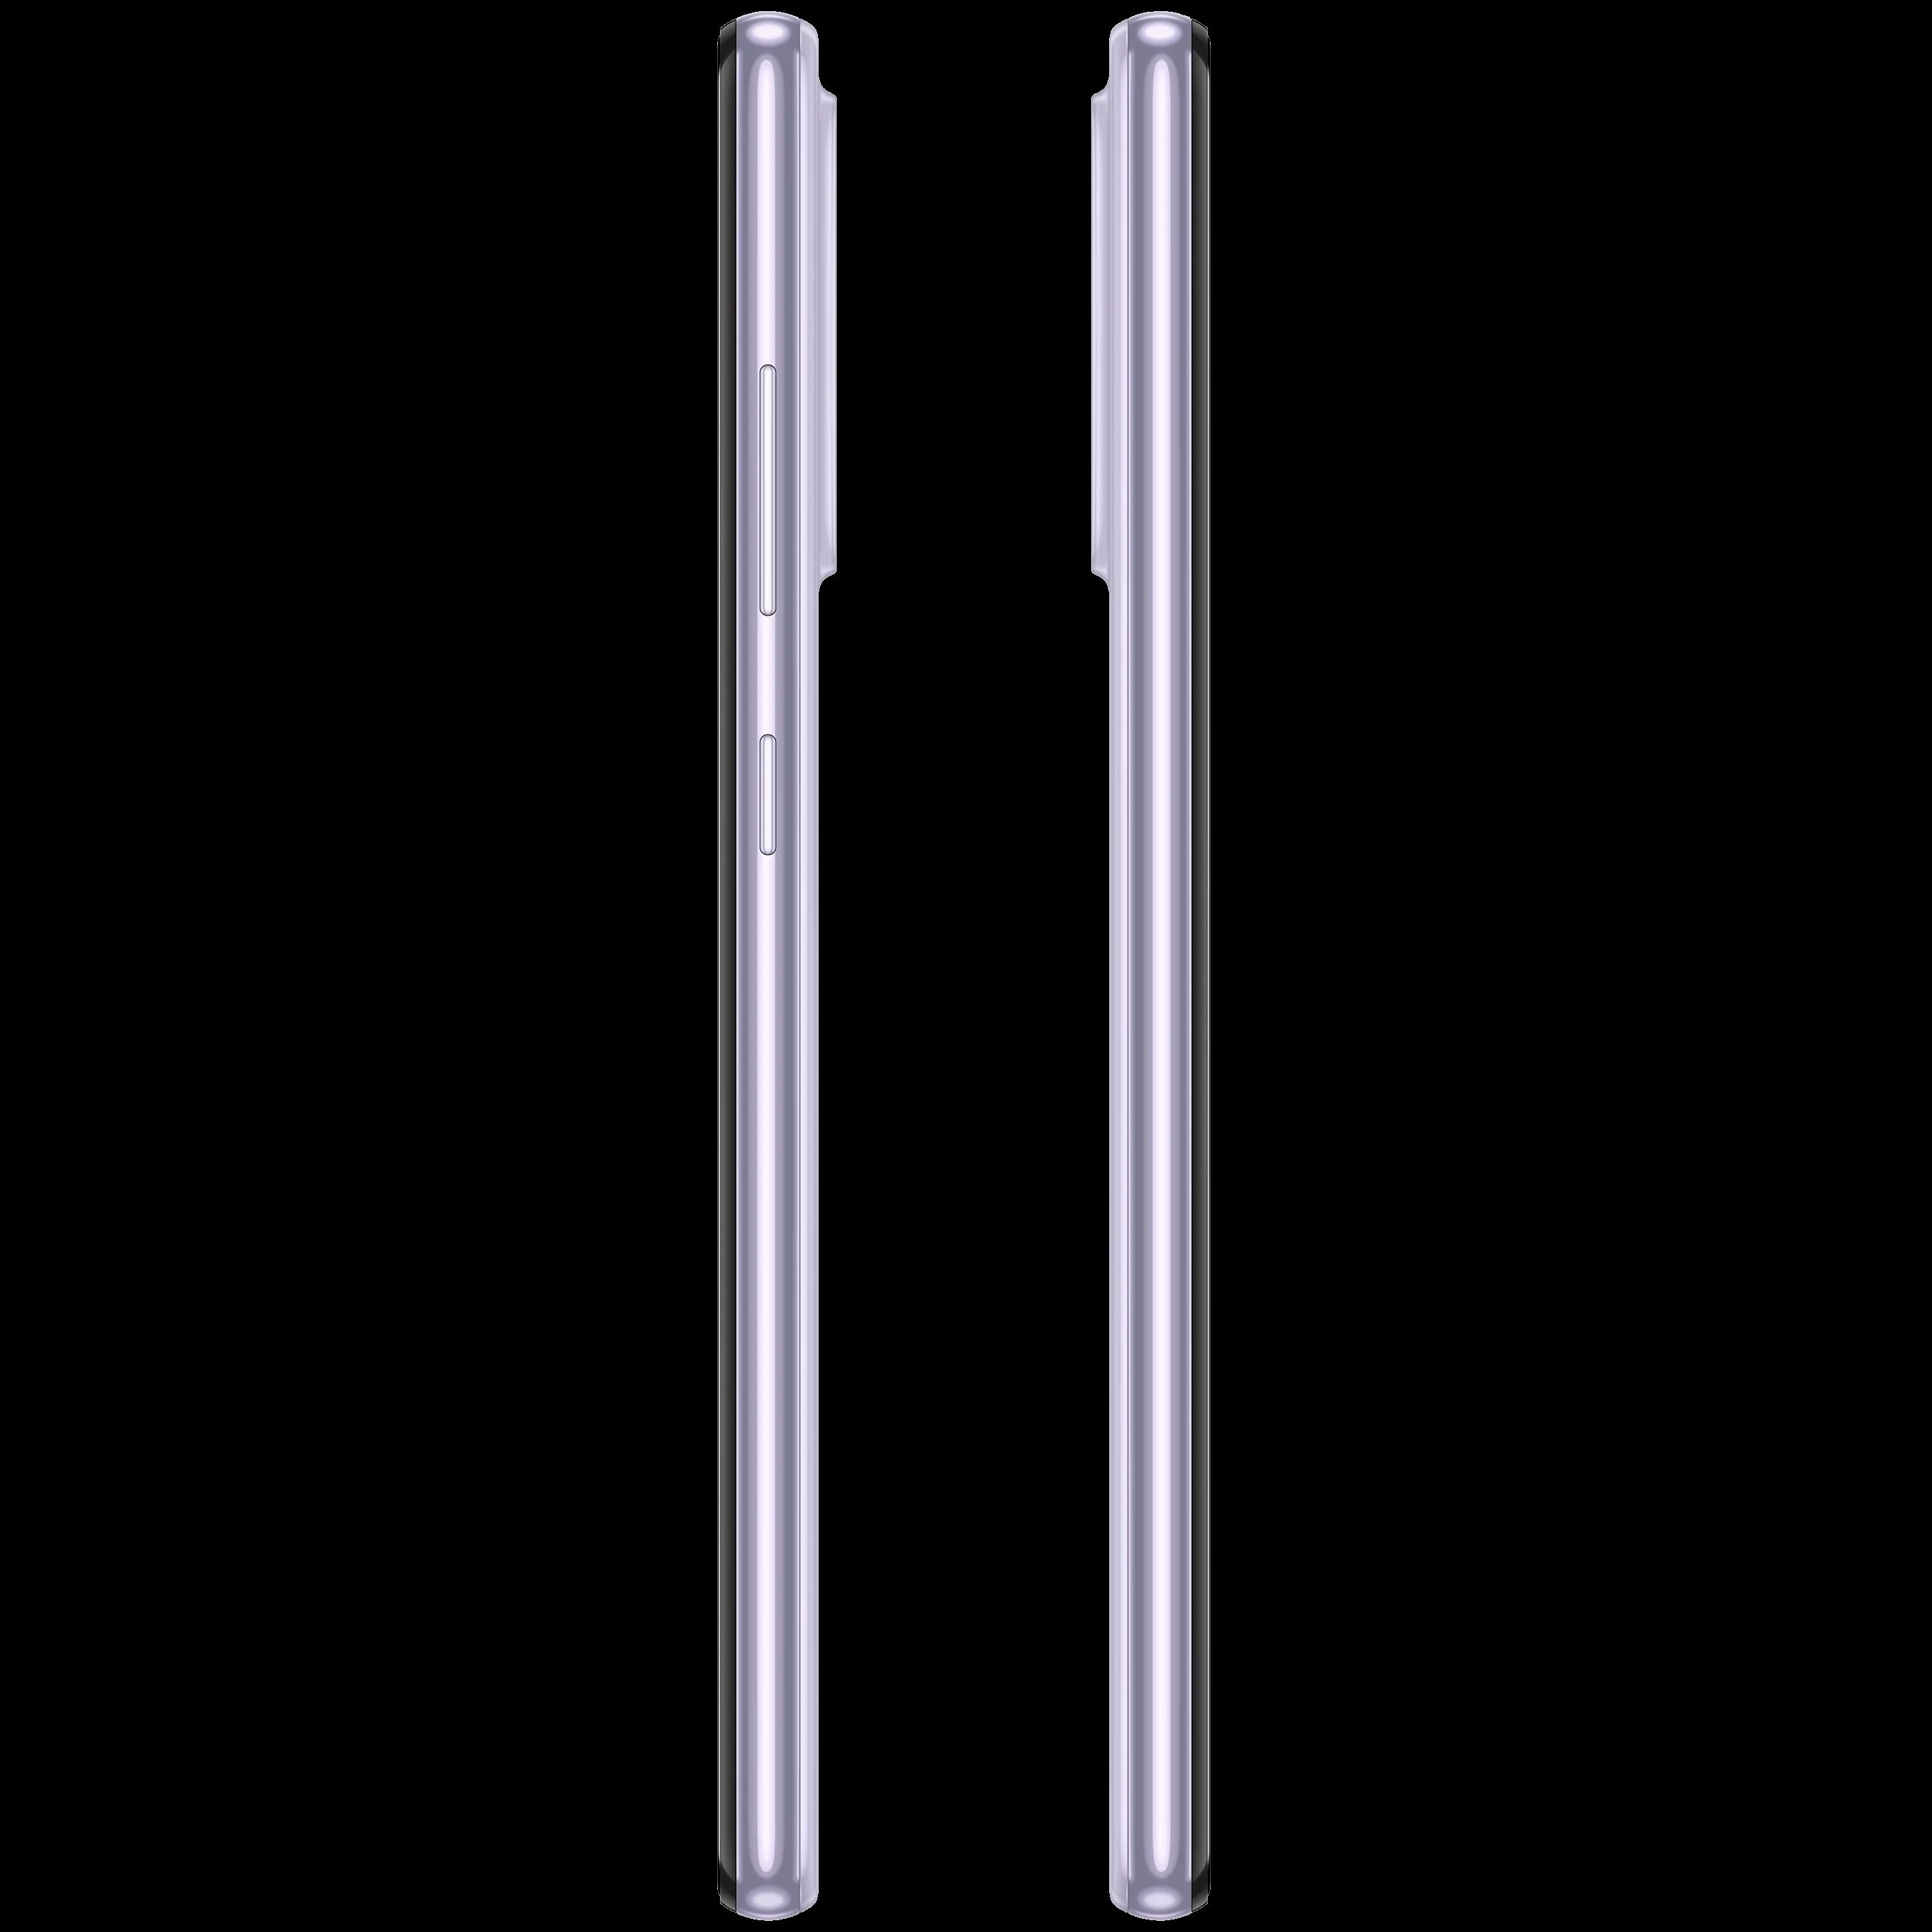 Samsung Galaxy A52 DS (SM-A525) 128GB 355595470943358 - 8